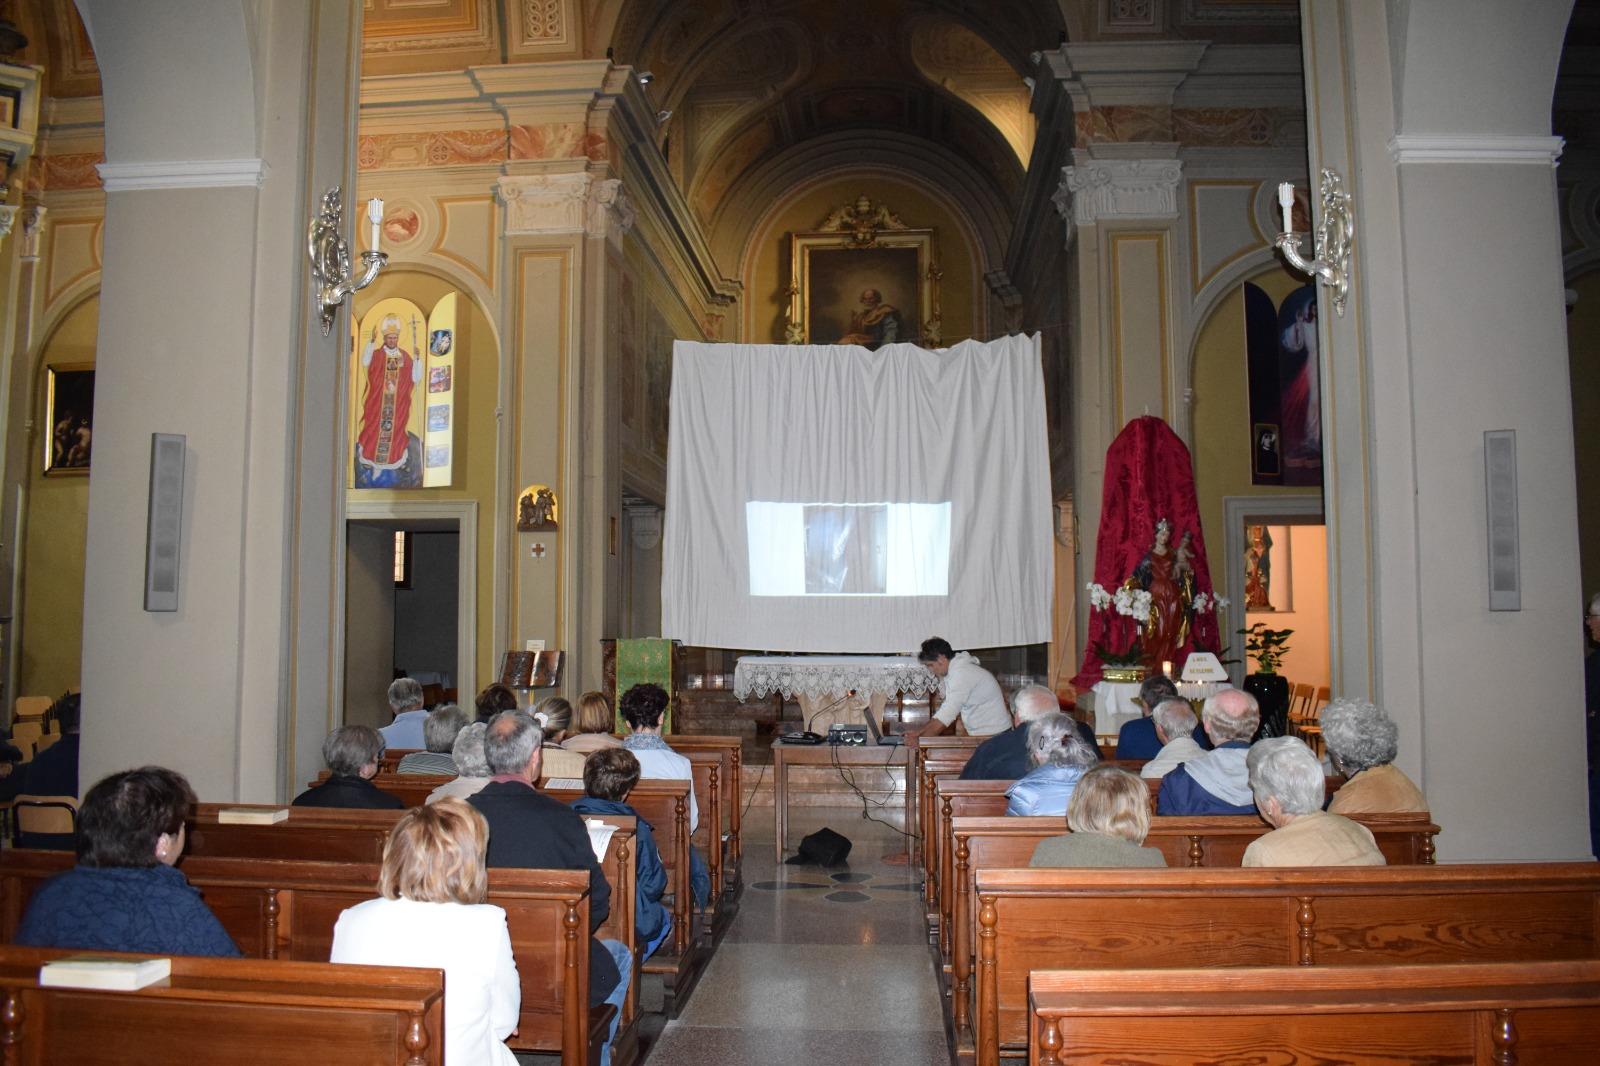 Presentazione dipinto Madonna in trono con santi (6)